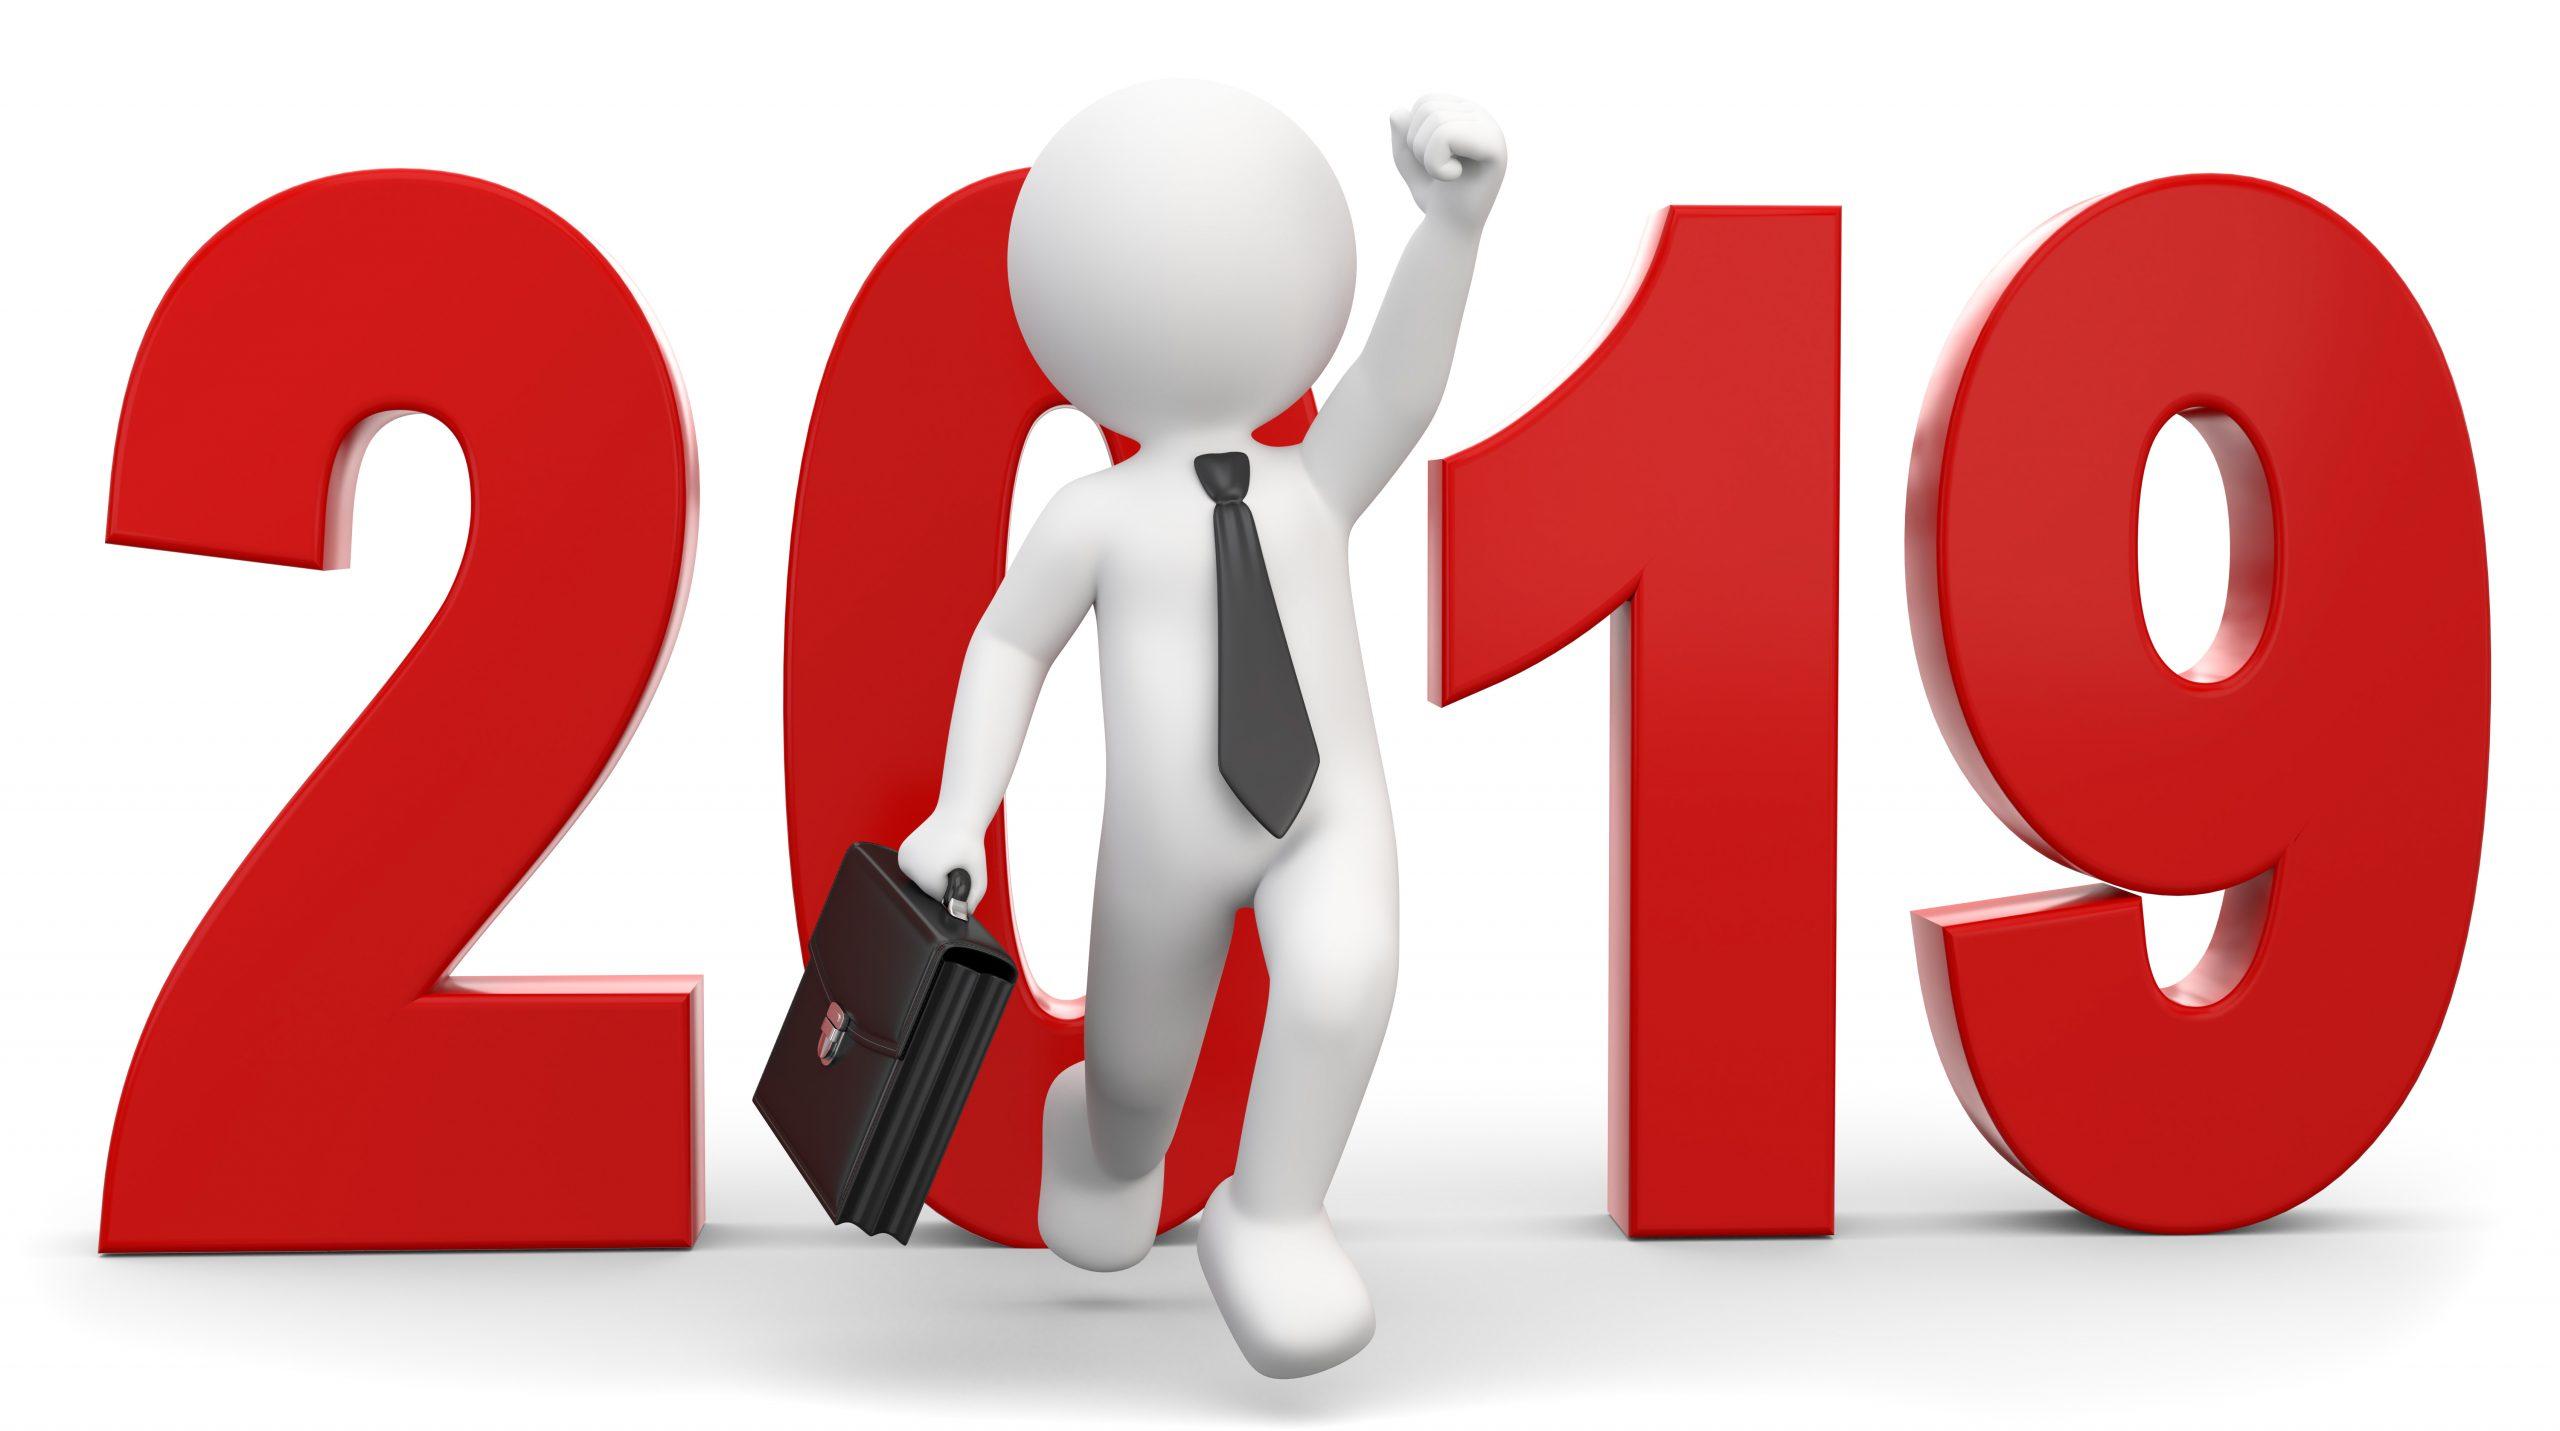 Neue BHKW-Seminare in 2019